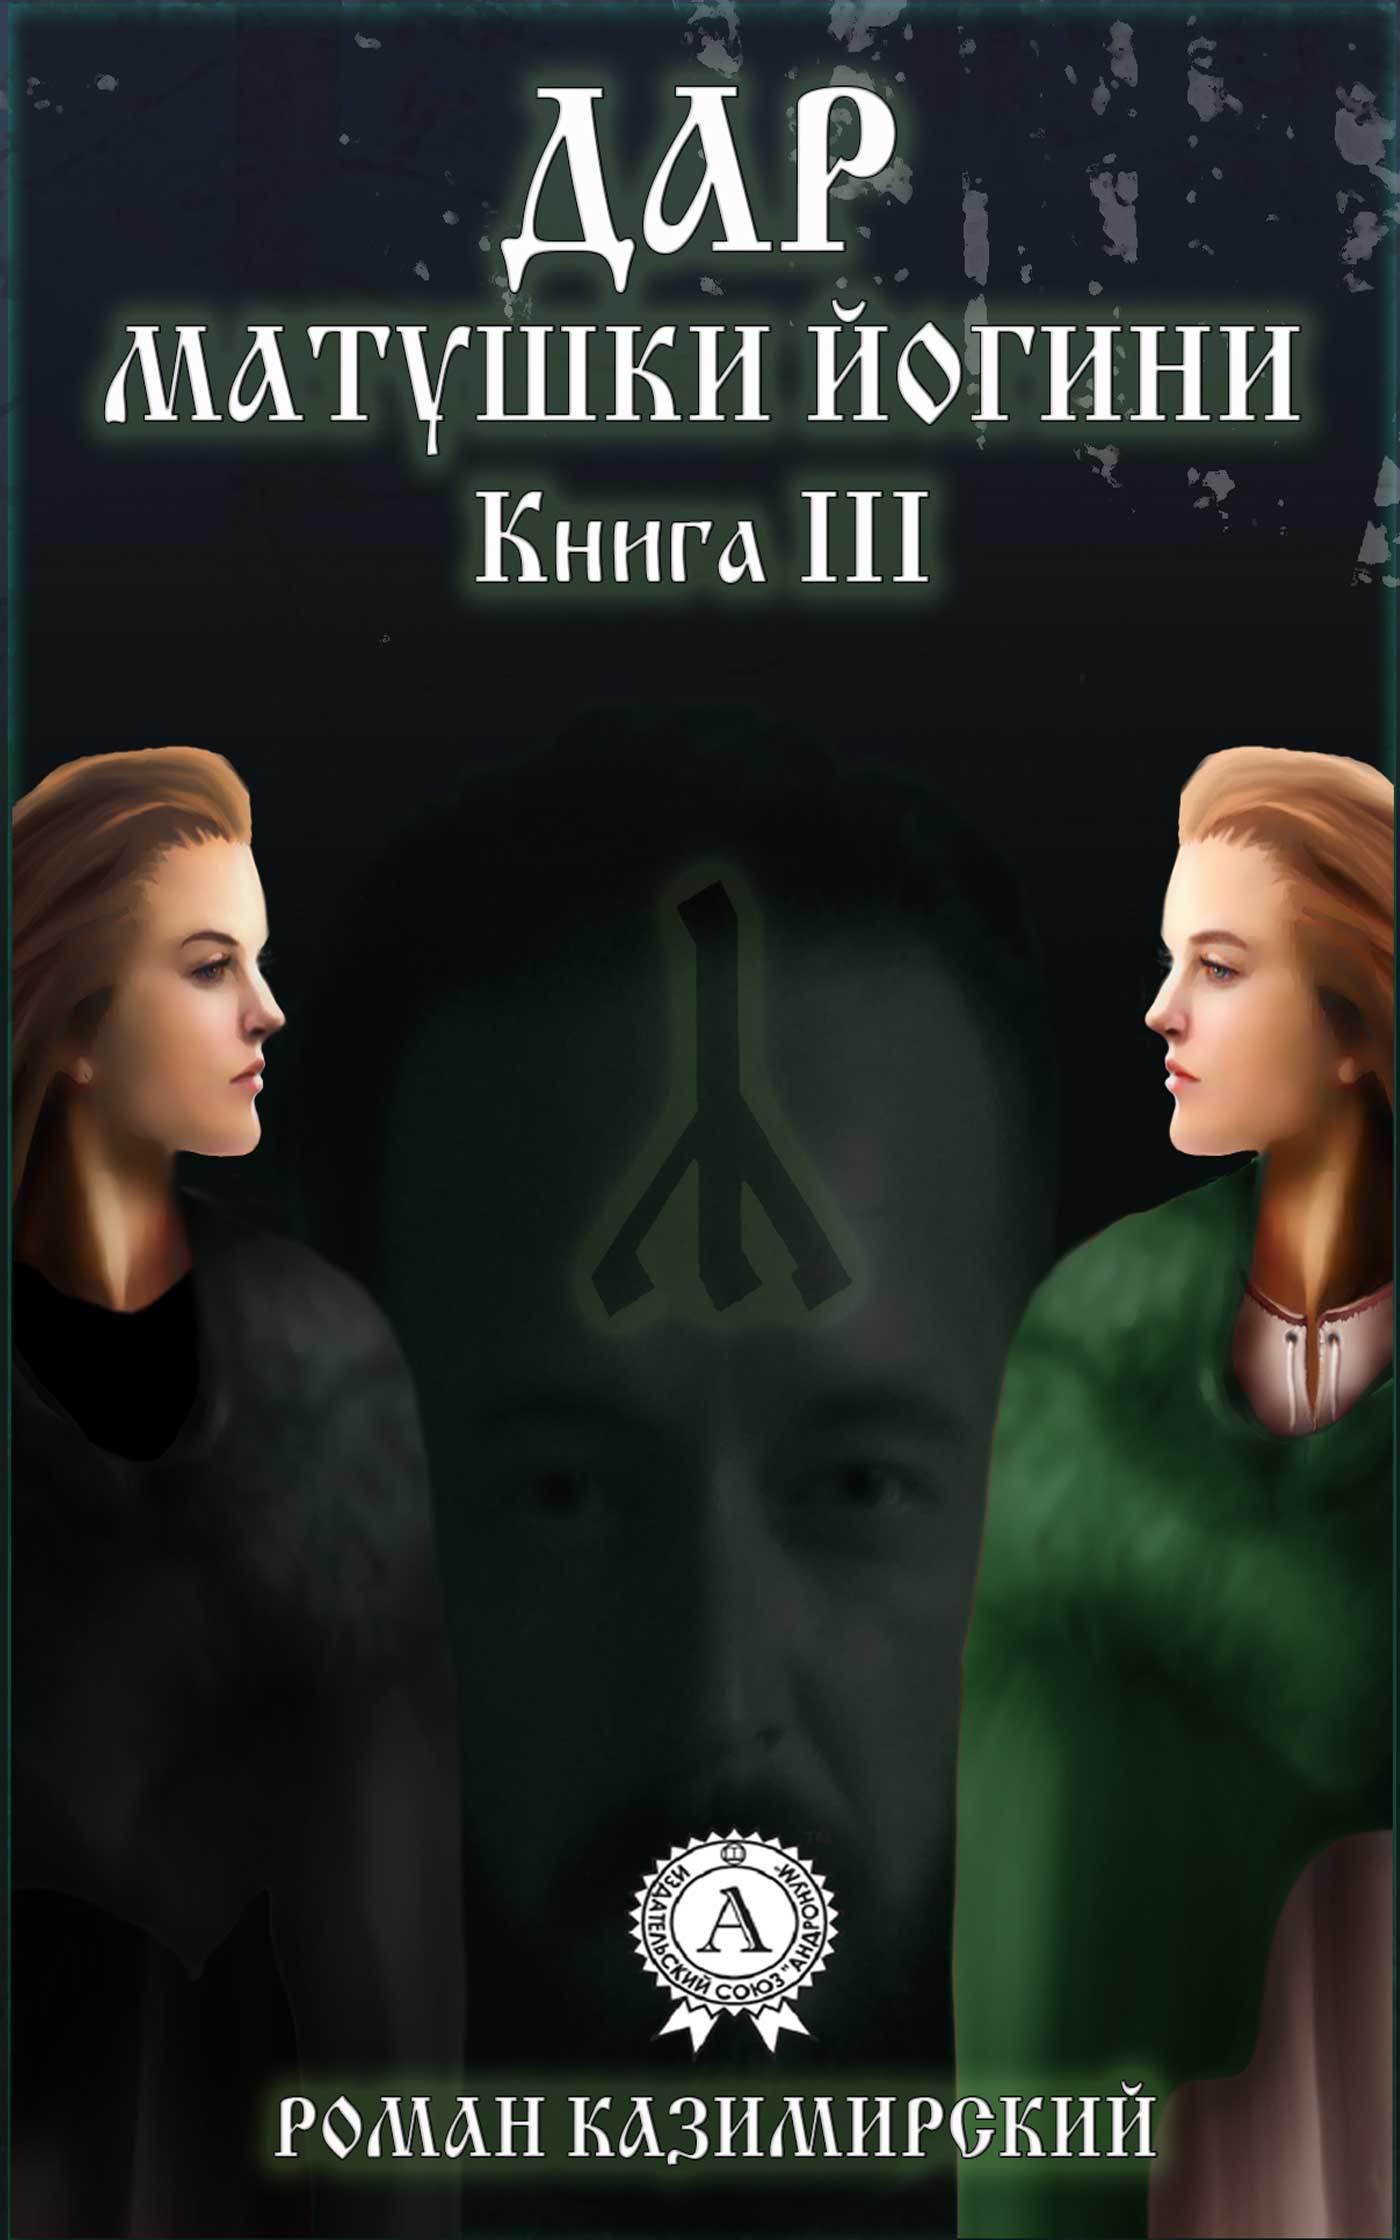 Роман Казимирский - Дар матушки Йогини. Книга 3